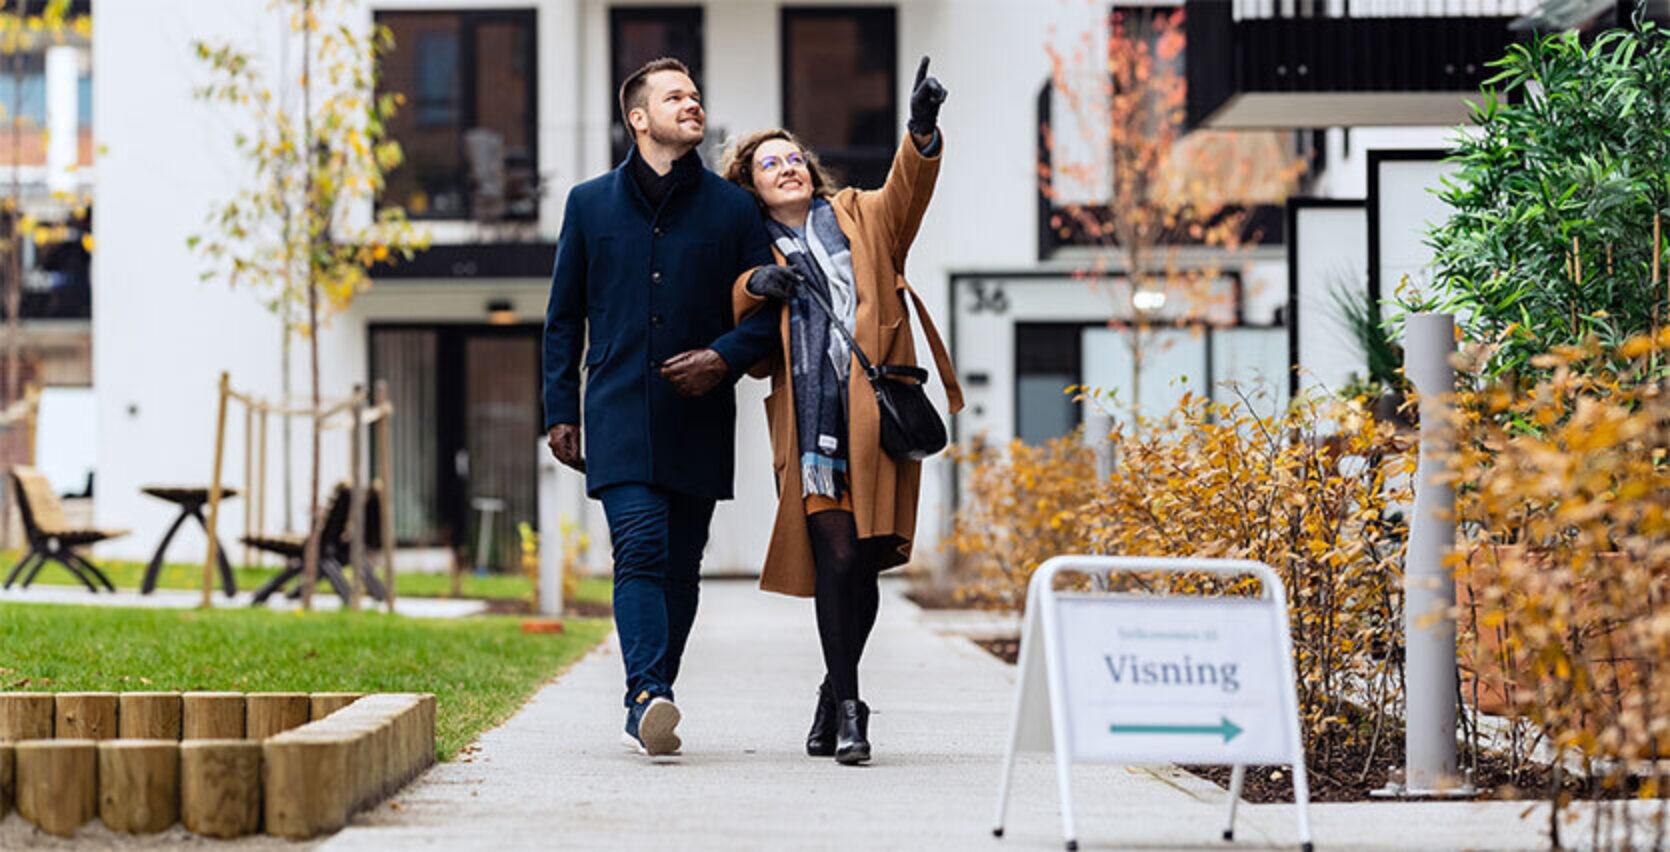 Et par som går ute i høstværet og ser på boliger